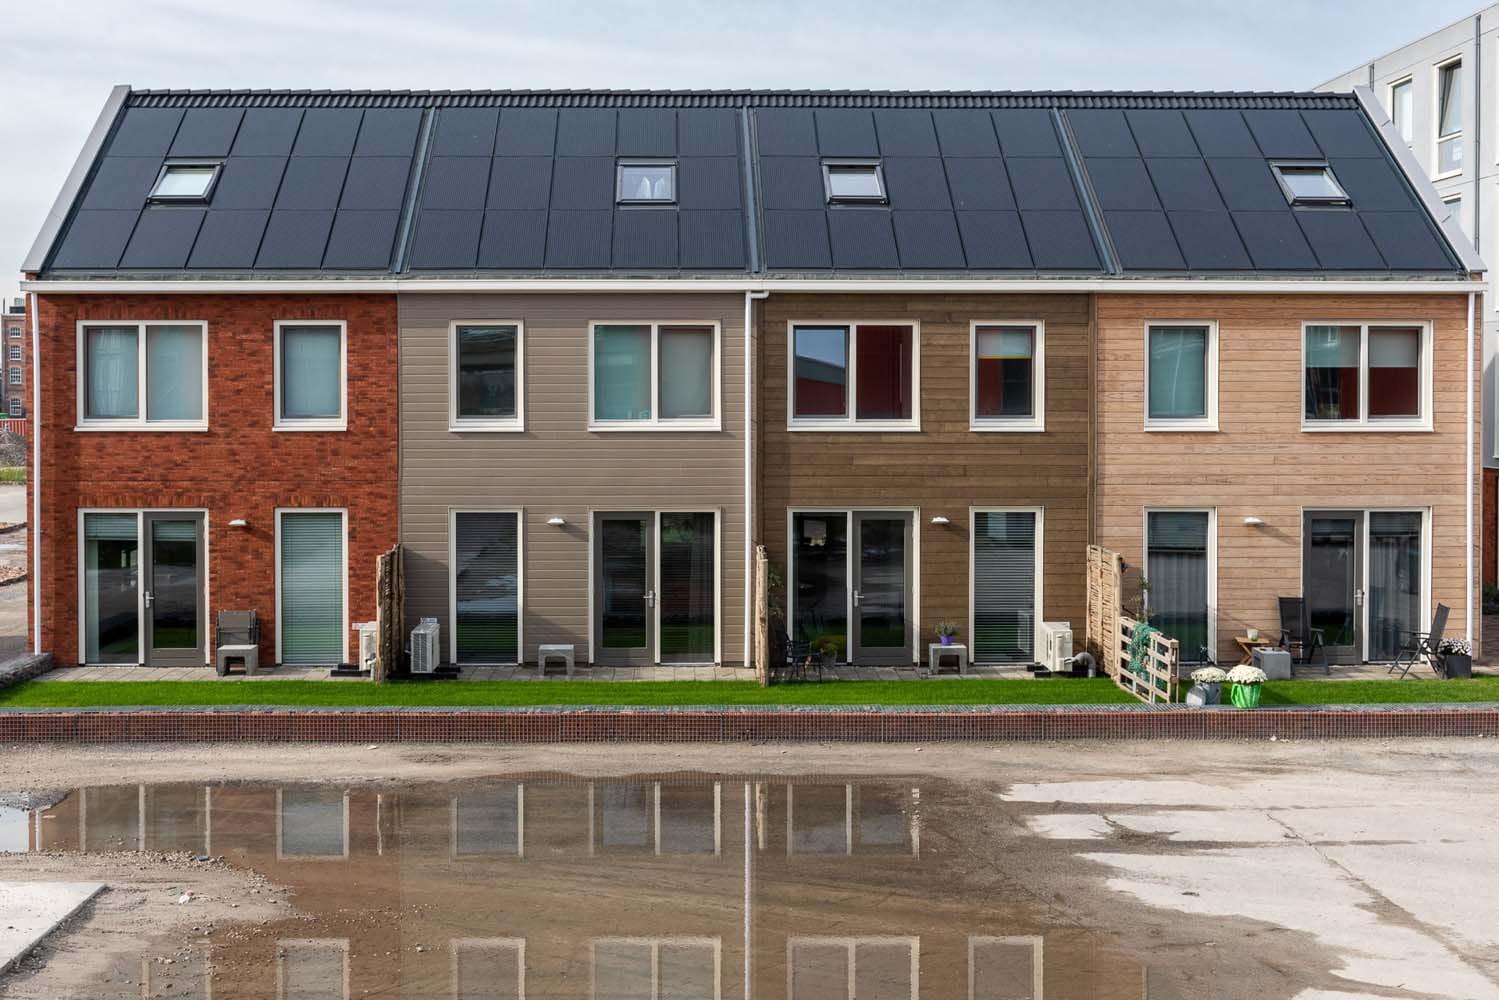 Rijtje van 4 woningen met allemaal verschillende kleuren gevels